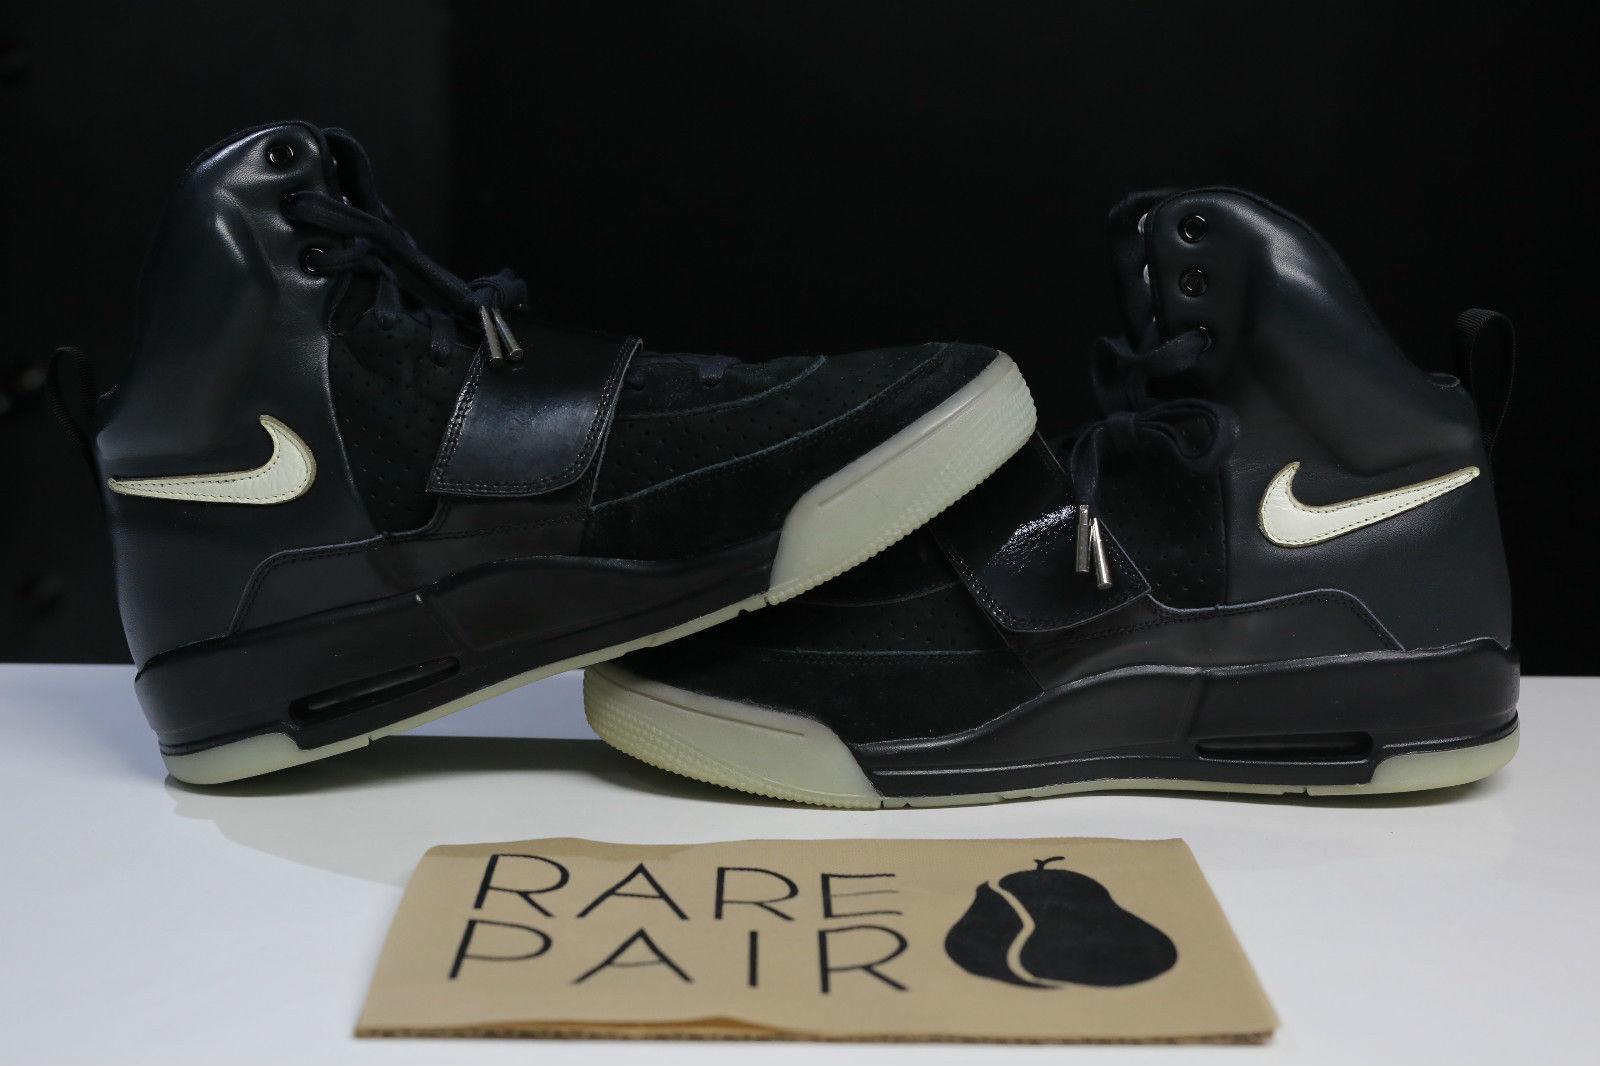 Nike Air Yeezy Kanye West Black/White Sample Pair Medial